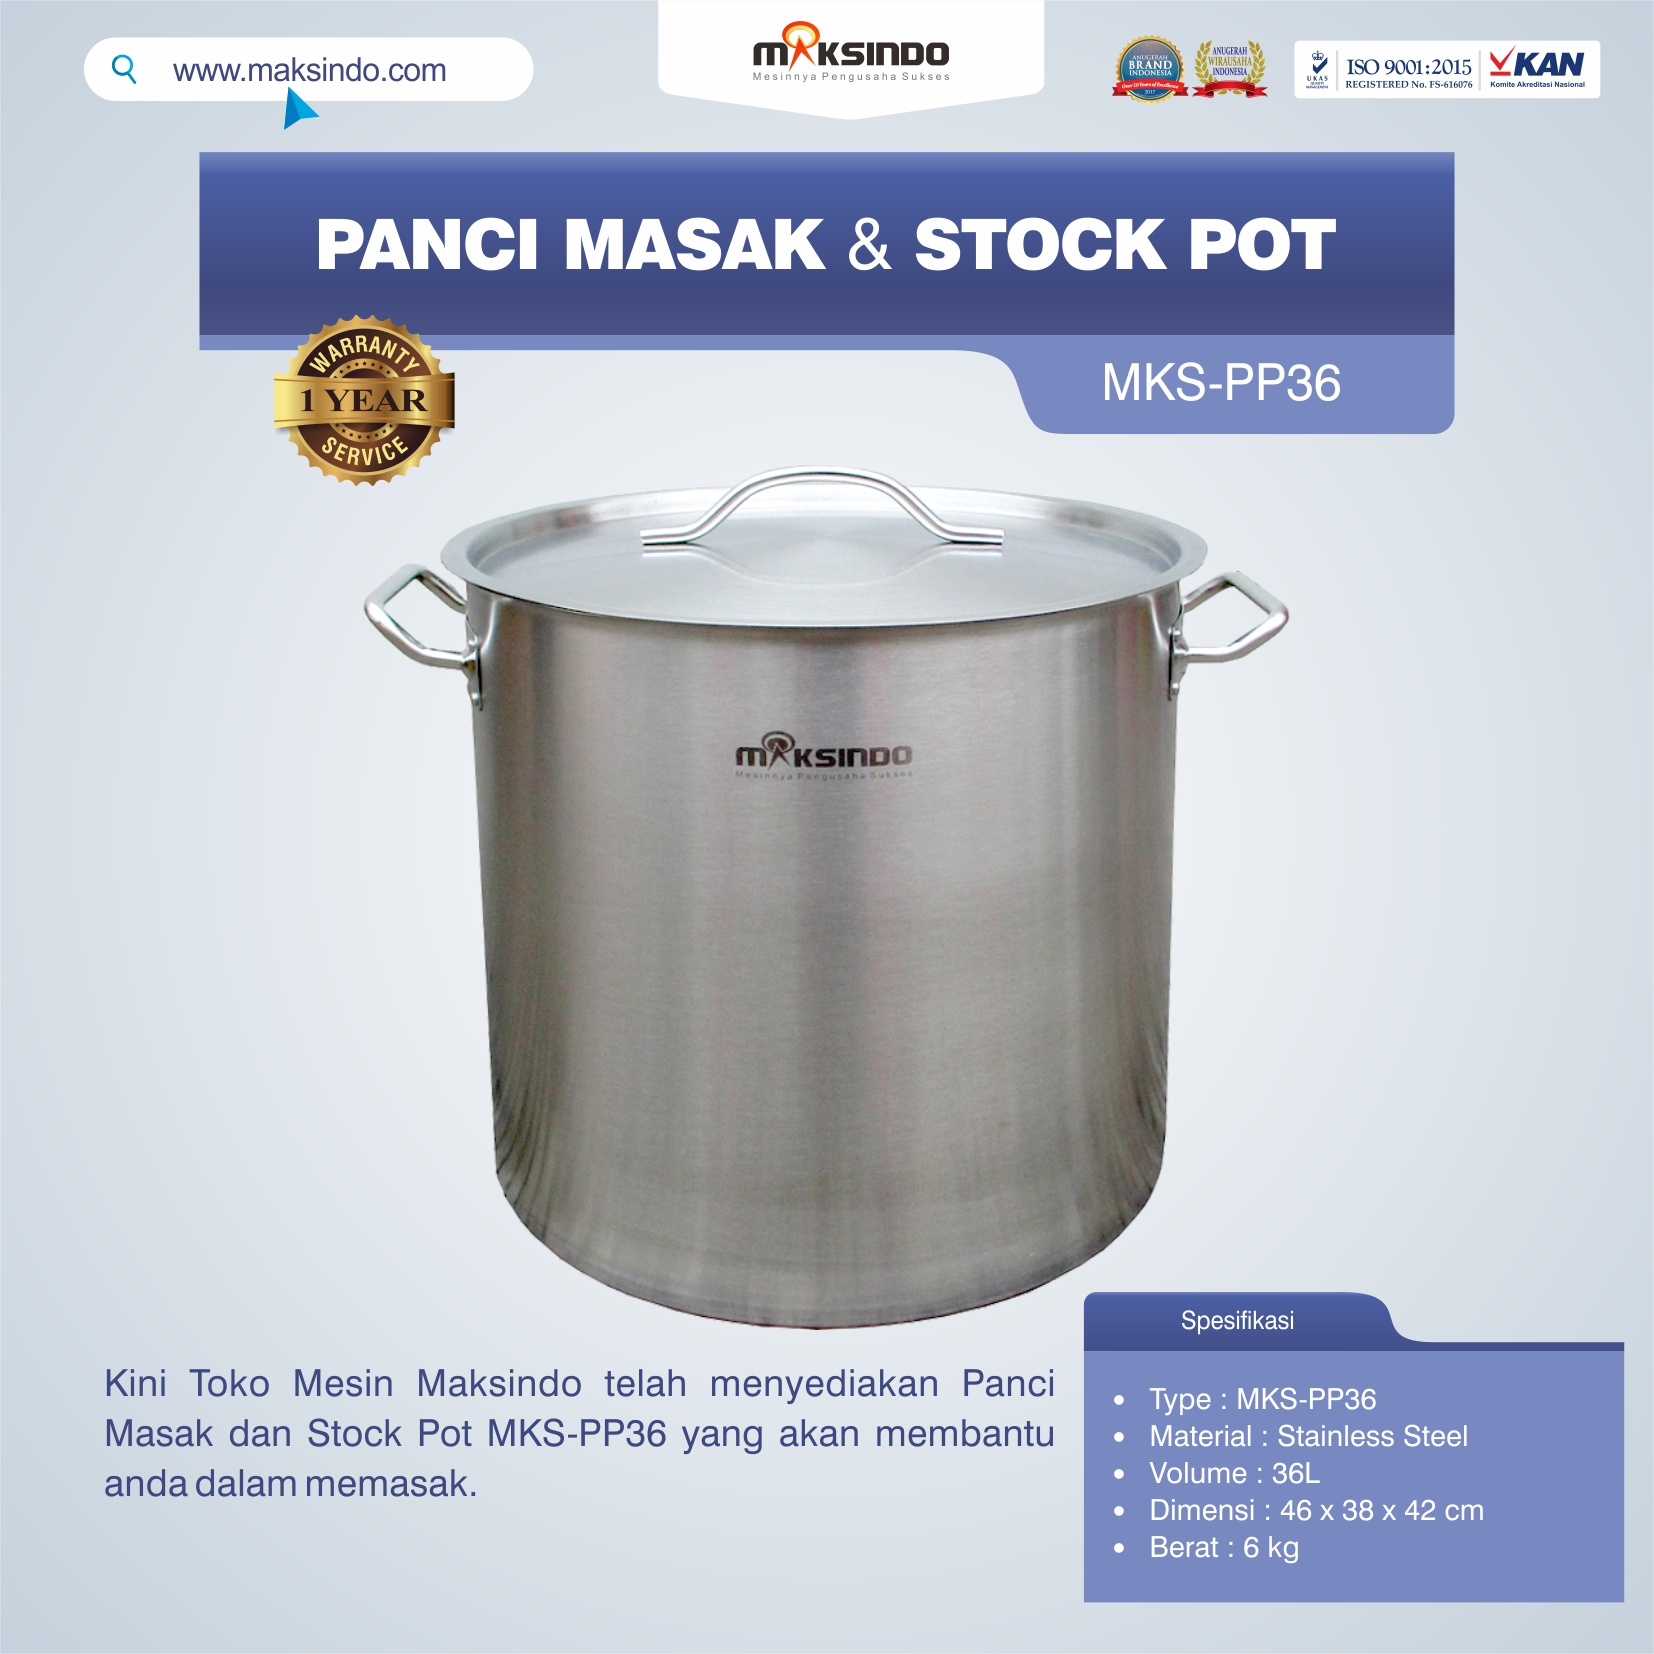 Jual Panci Masak Dan Stock Pot MKS-PP36 di Pekanbaru